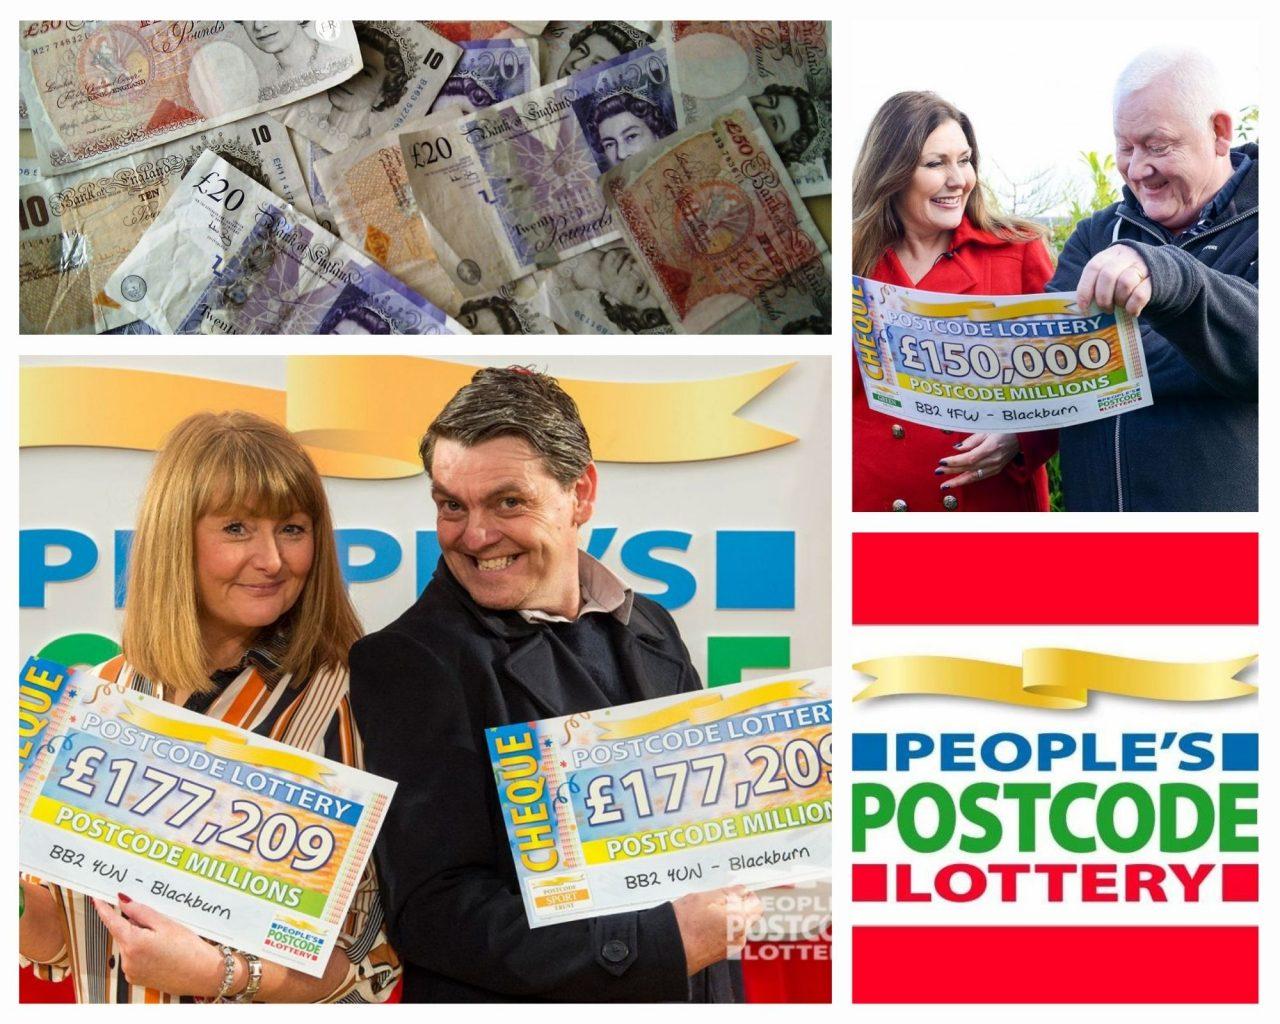 Pemenang Lotere Kode Pos Rakyat terbesar di East Lancashire